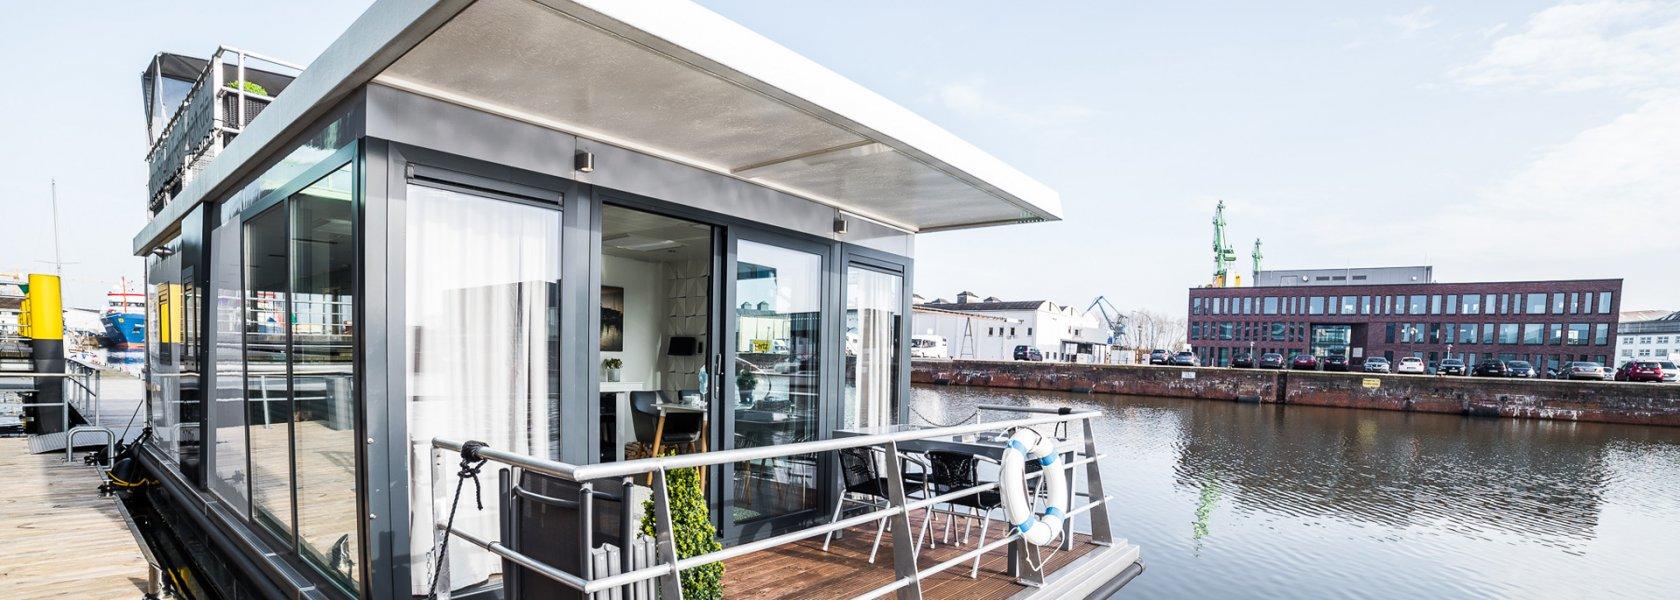 Hausboot Bremerhaven, © Husboat erleben GbR